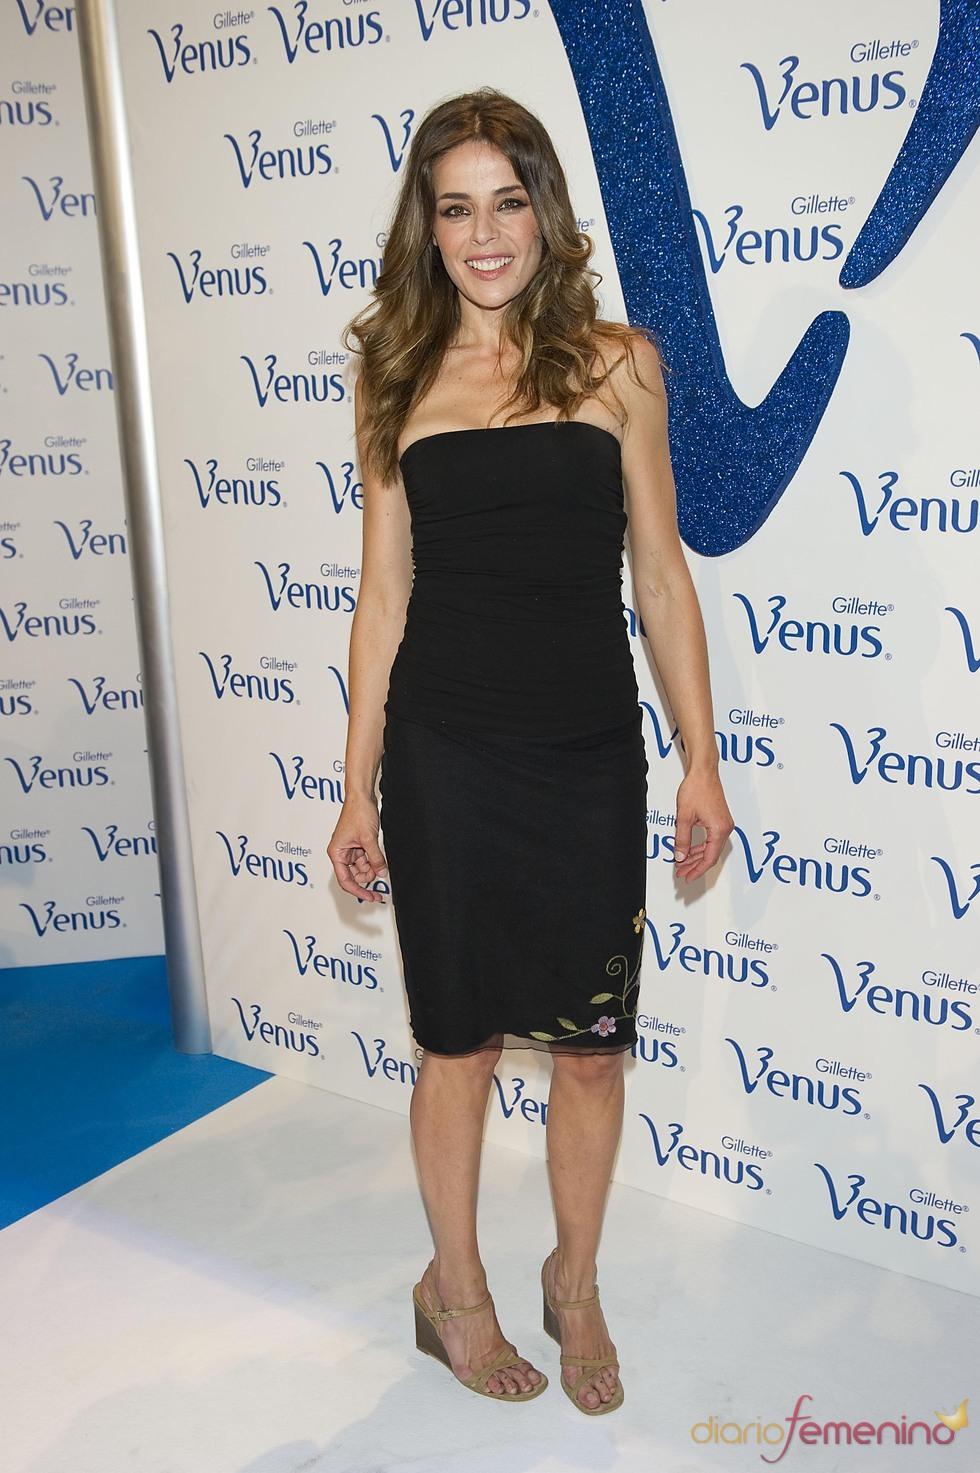 Inma del Moral en los Premios Venus de Diseño 2011